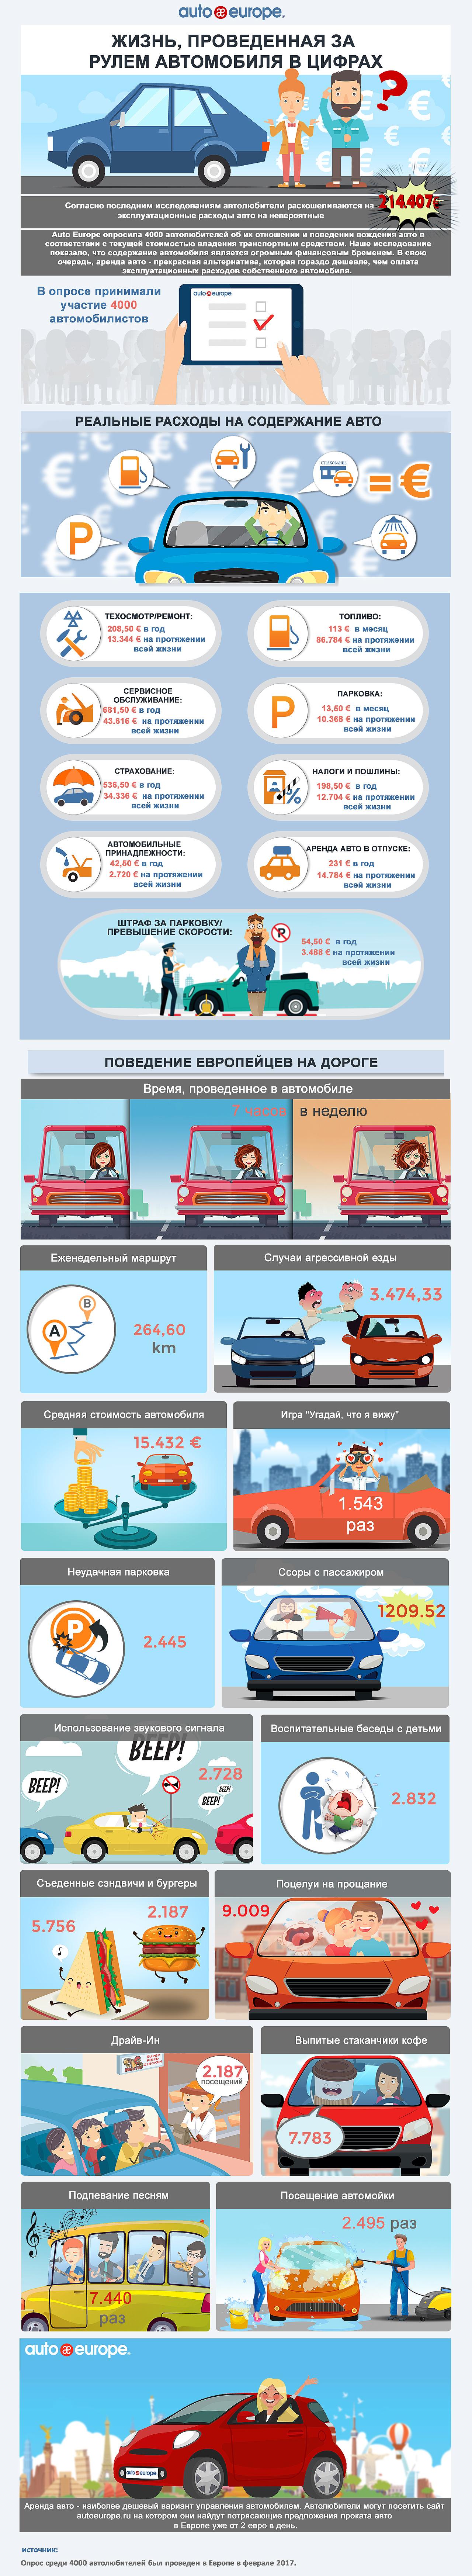 Инфографика: содержание авто